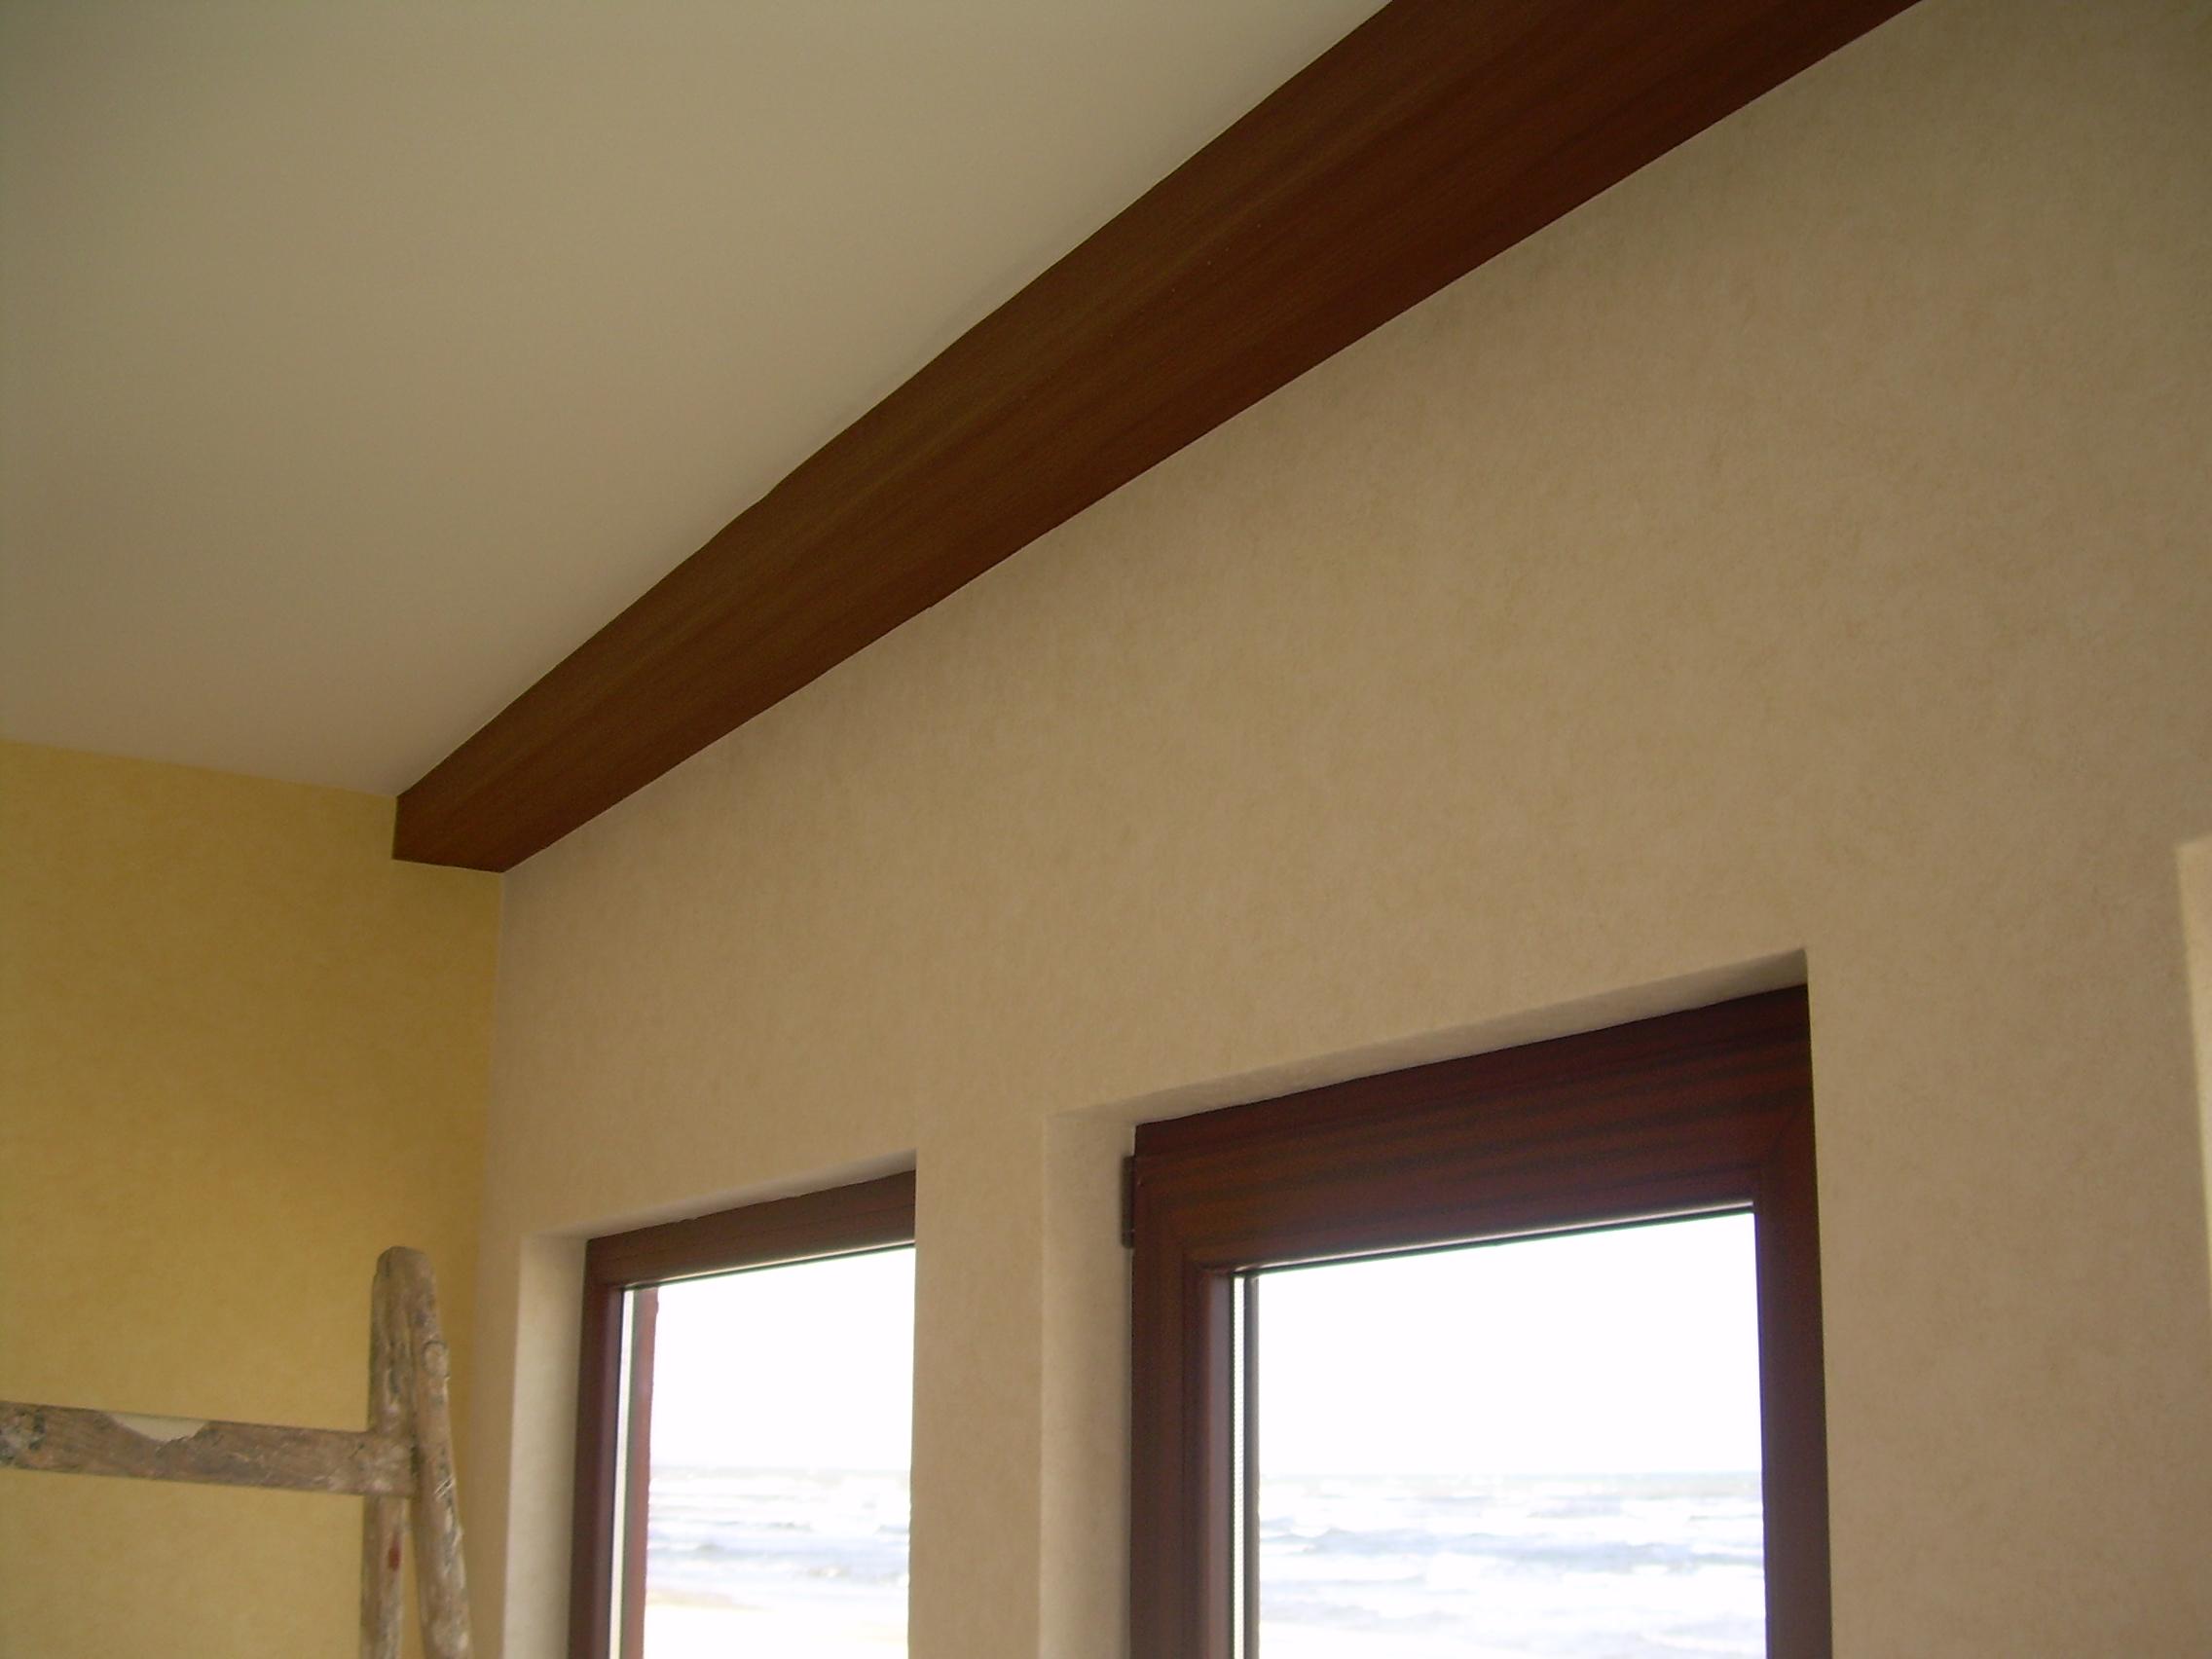 Lucrari de amenajare interioare cu tapet  - Poza 16